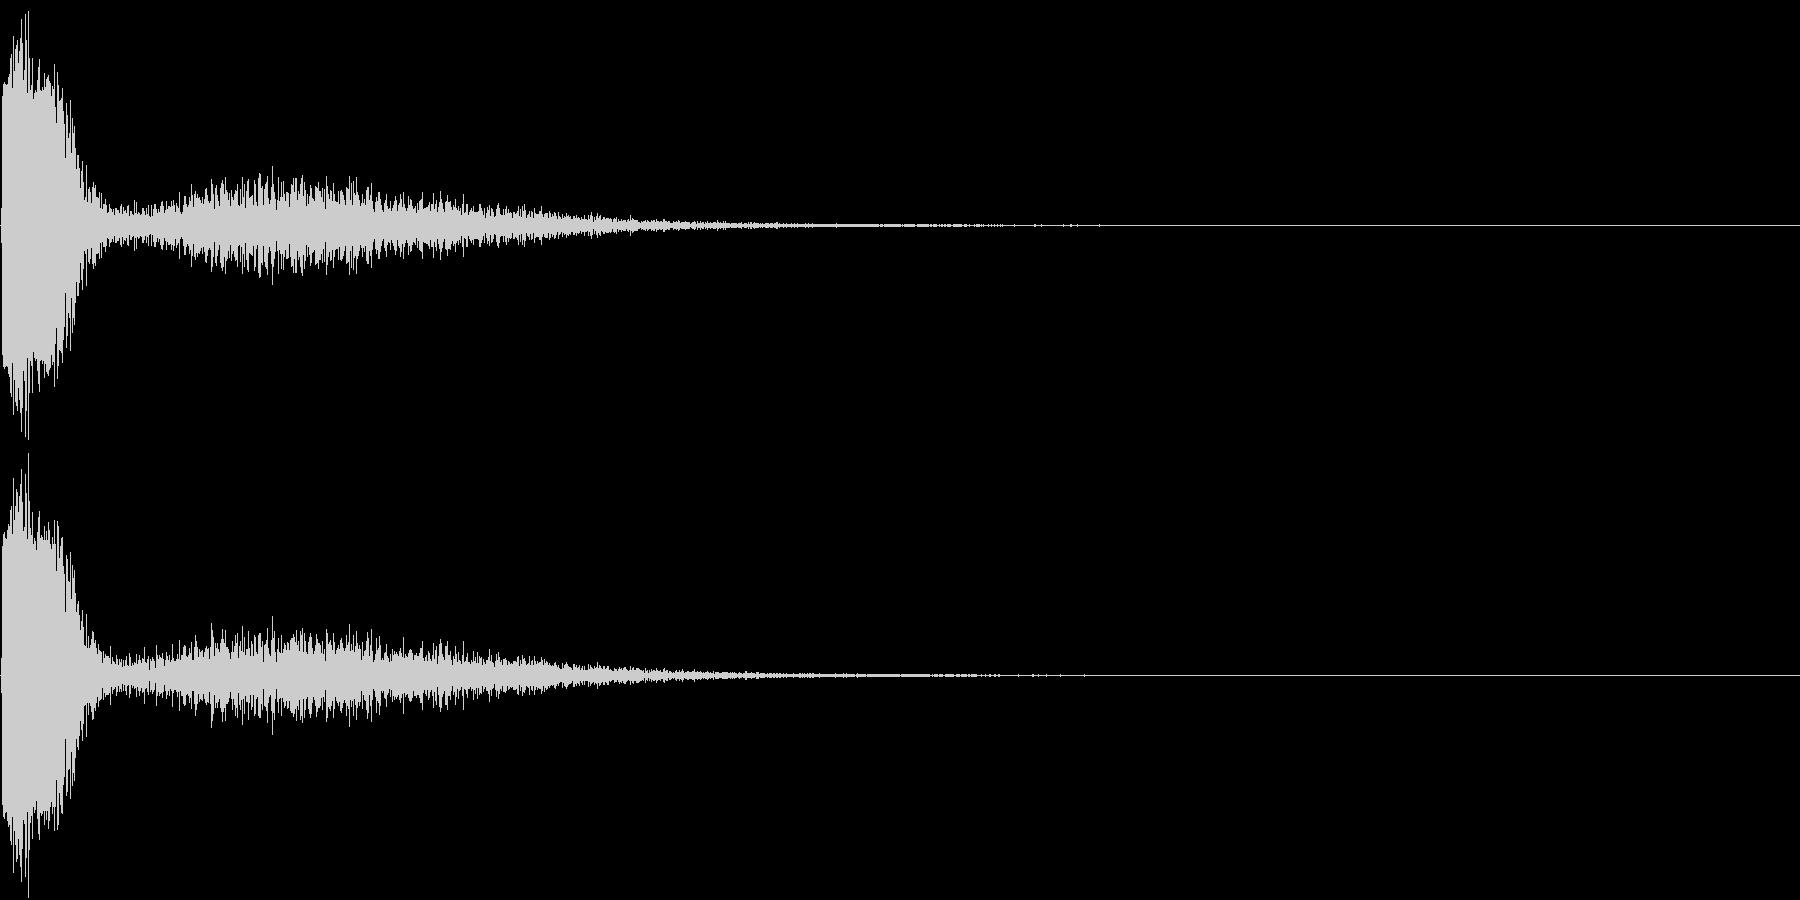 KAKUGE 格闘ゲーム戦闘音 67の未再生の波形